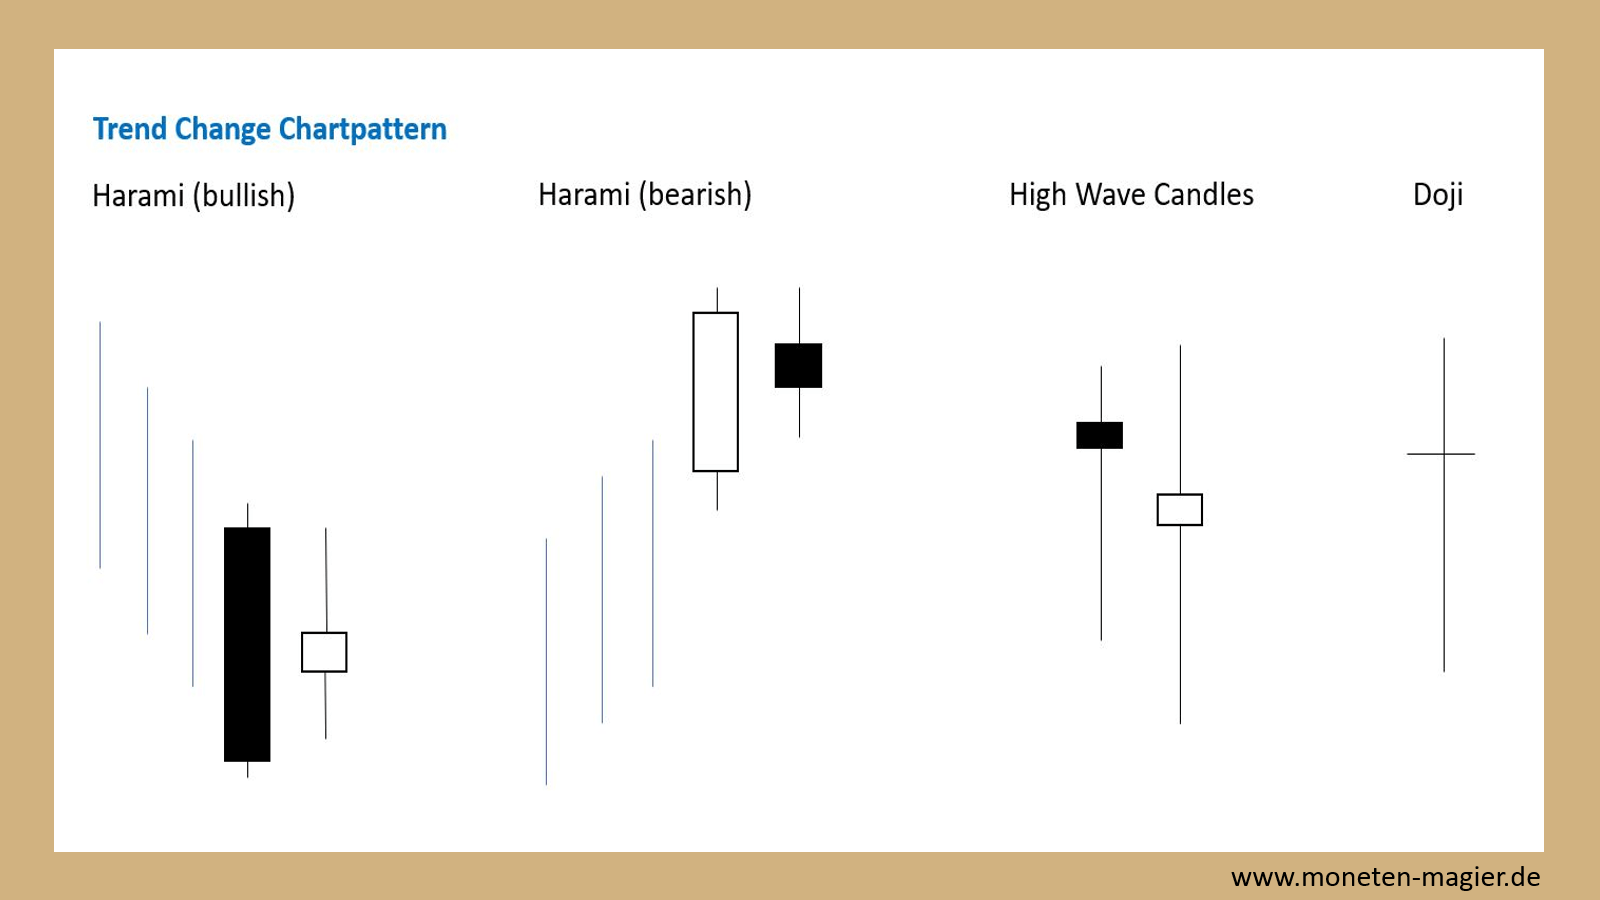 candlesticks chart pattern moneten magier trendchange chartpattern